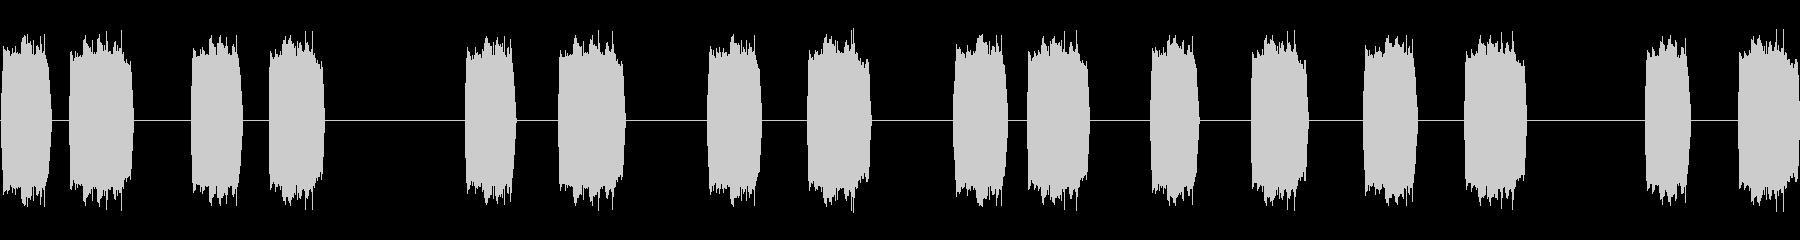 ハニーバンパネルサーボの未再生の波形